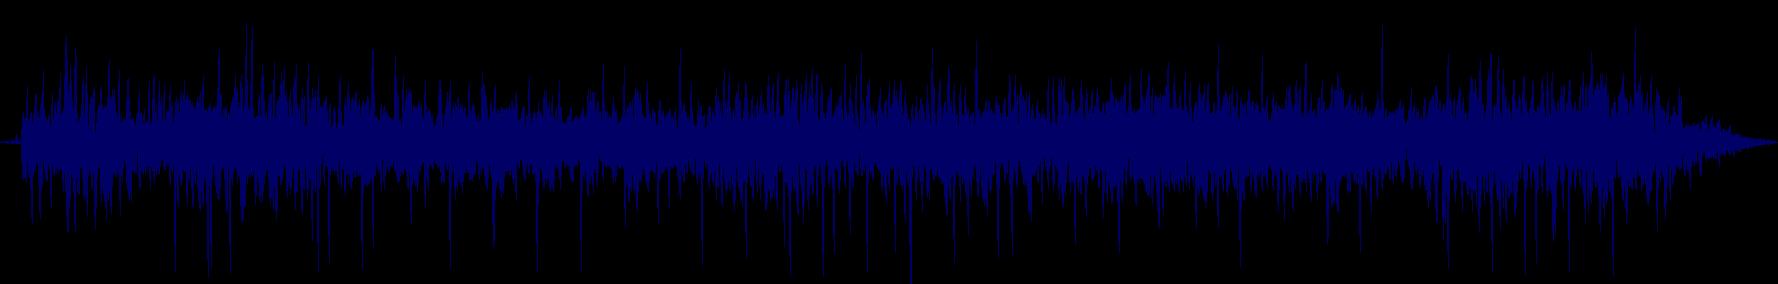 waveform of track #113515